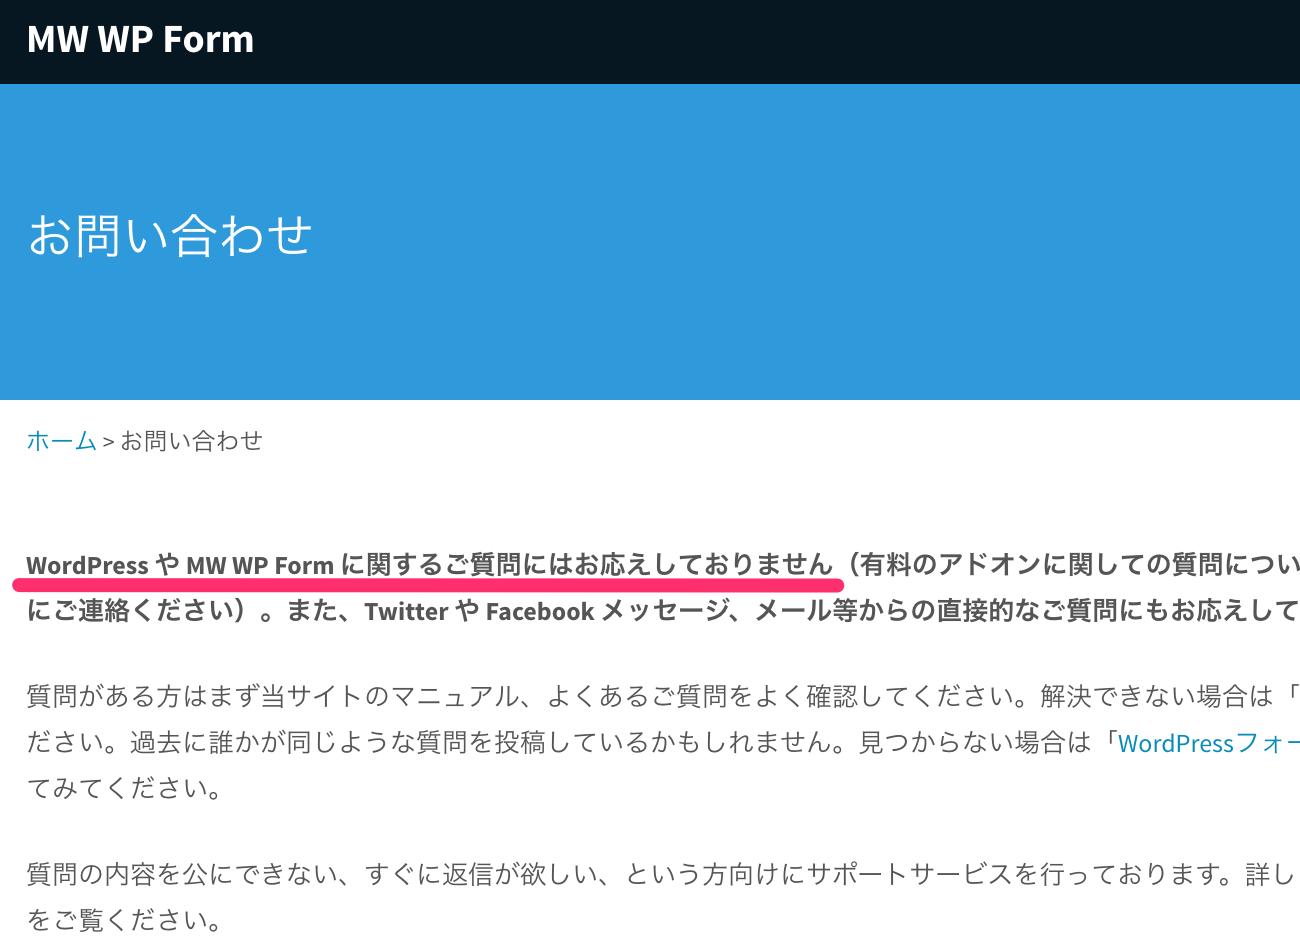 お問い合わせ___MW_WP_Form